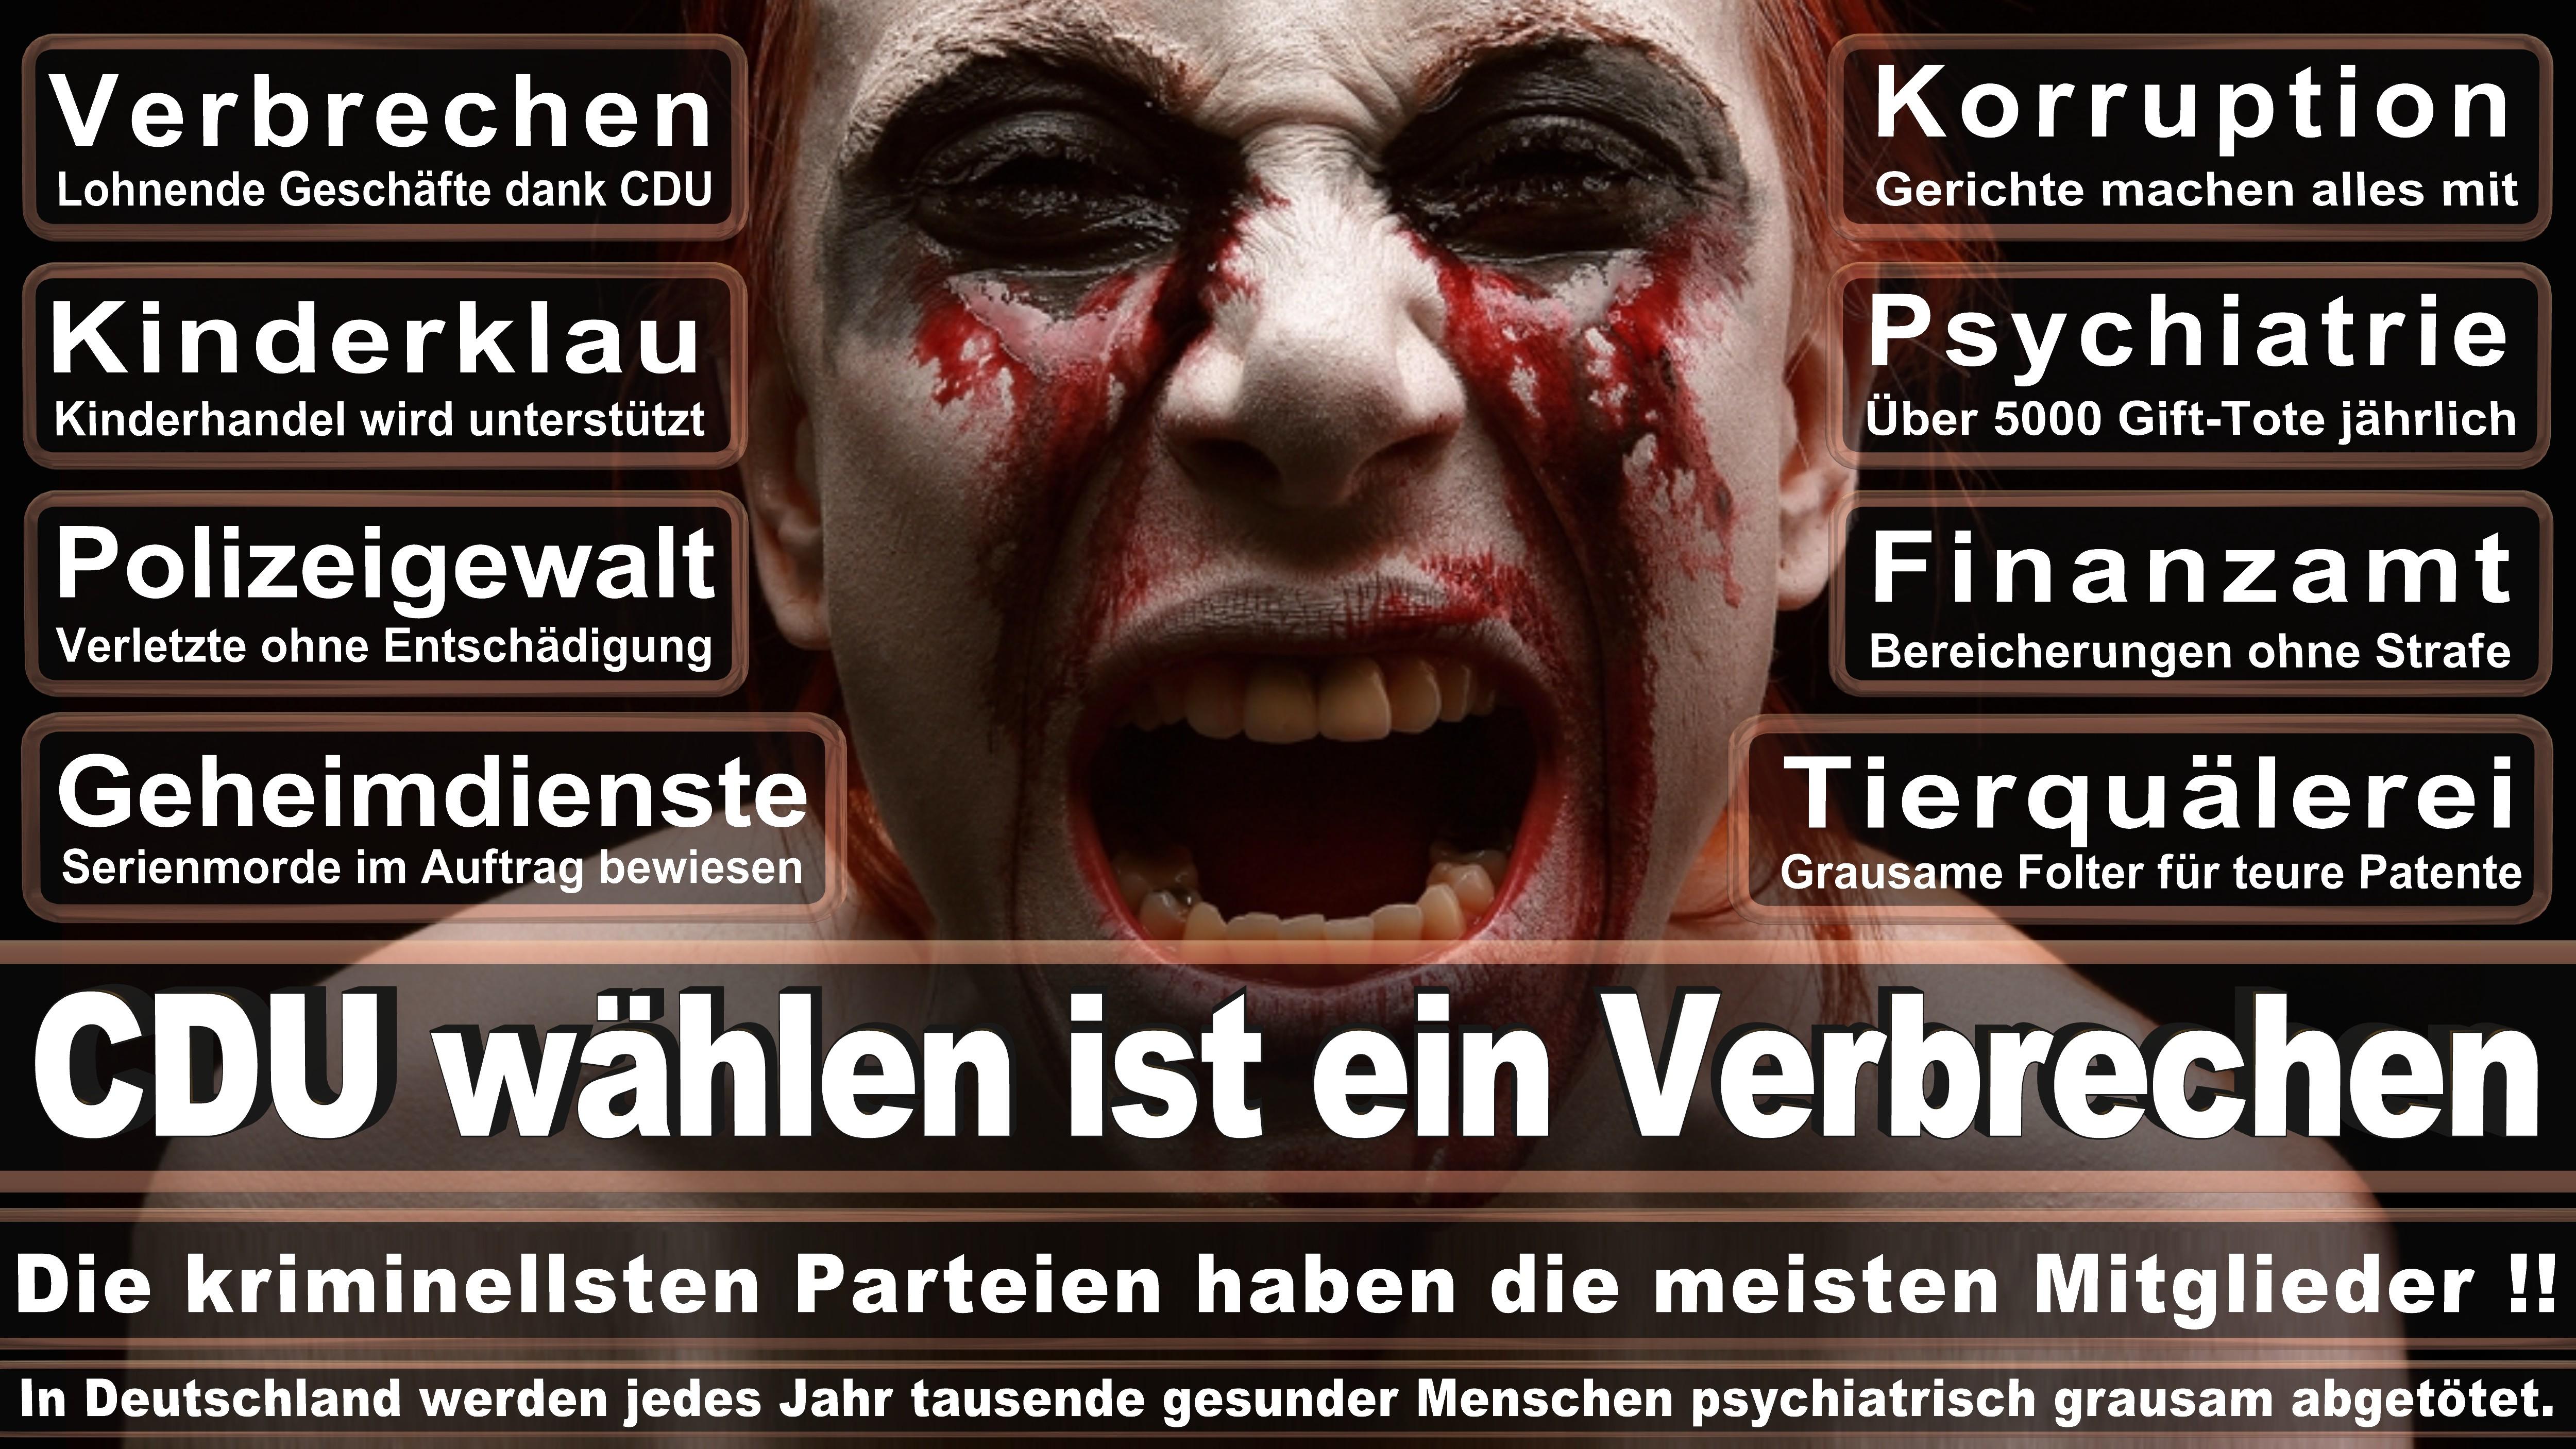 Landtagswahl, Schleswig-Holstein, 2017, CDU, SPD, Wahlplakat, Wahlplakate, Stimmzettel, Umfrage, Prognose, Termin, Kandidaten, Frauke Petry, AfD, Angela Merkel